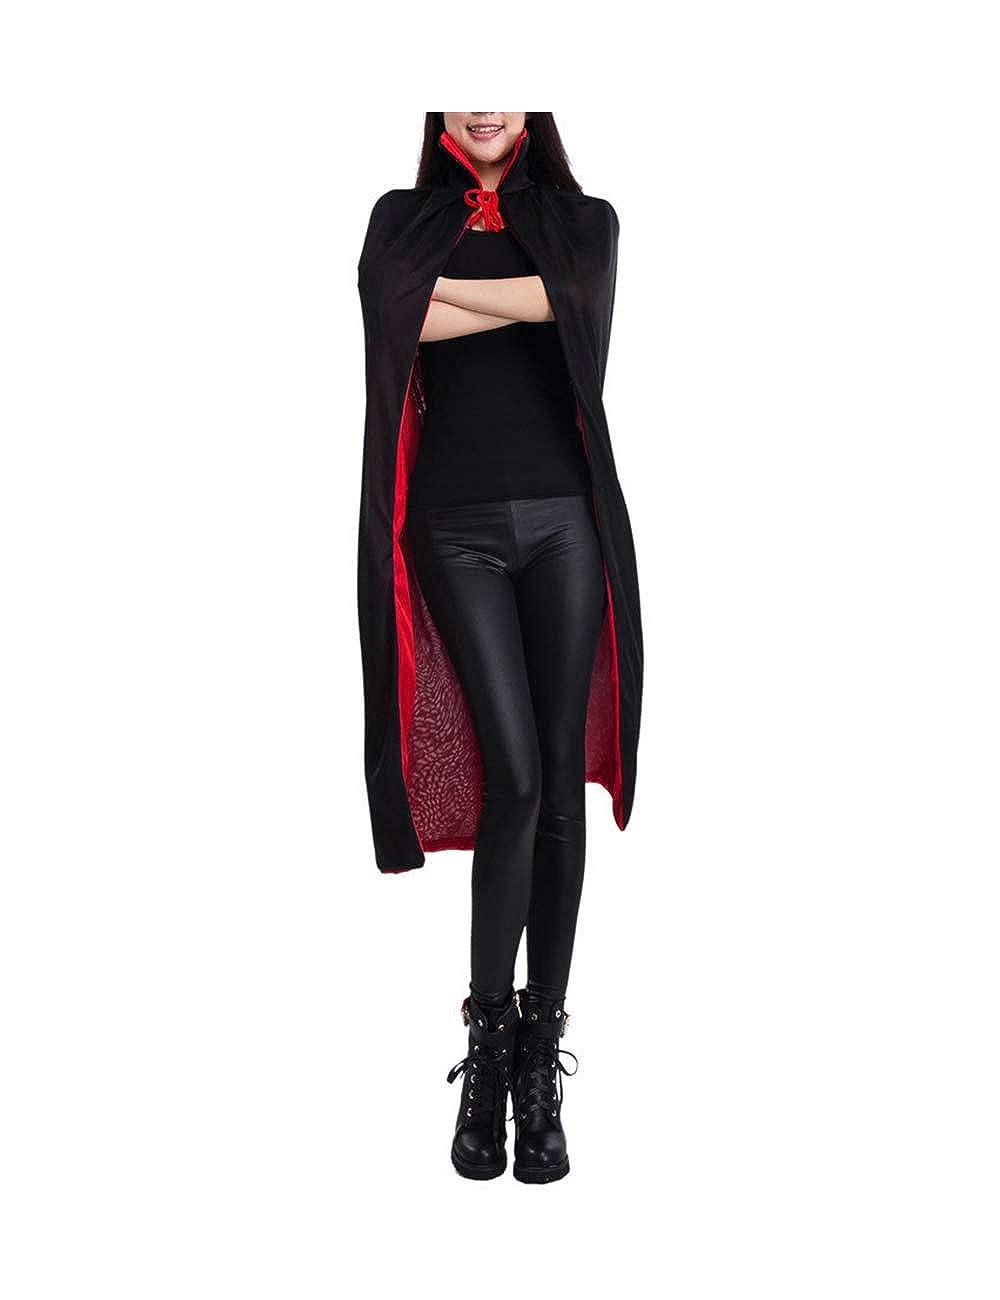 Zhhlaixing Doble Cara Capa Negro Rojo - Linda Disfraz de Halloween Caballero para Adulto Niños